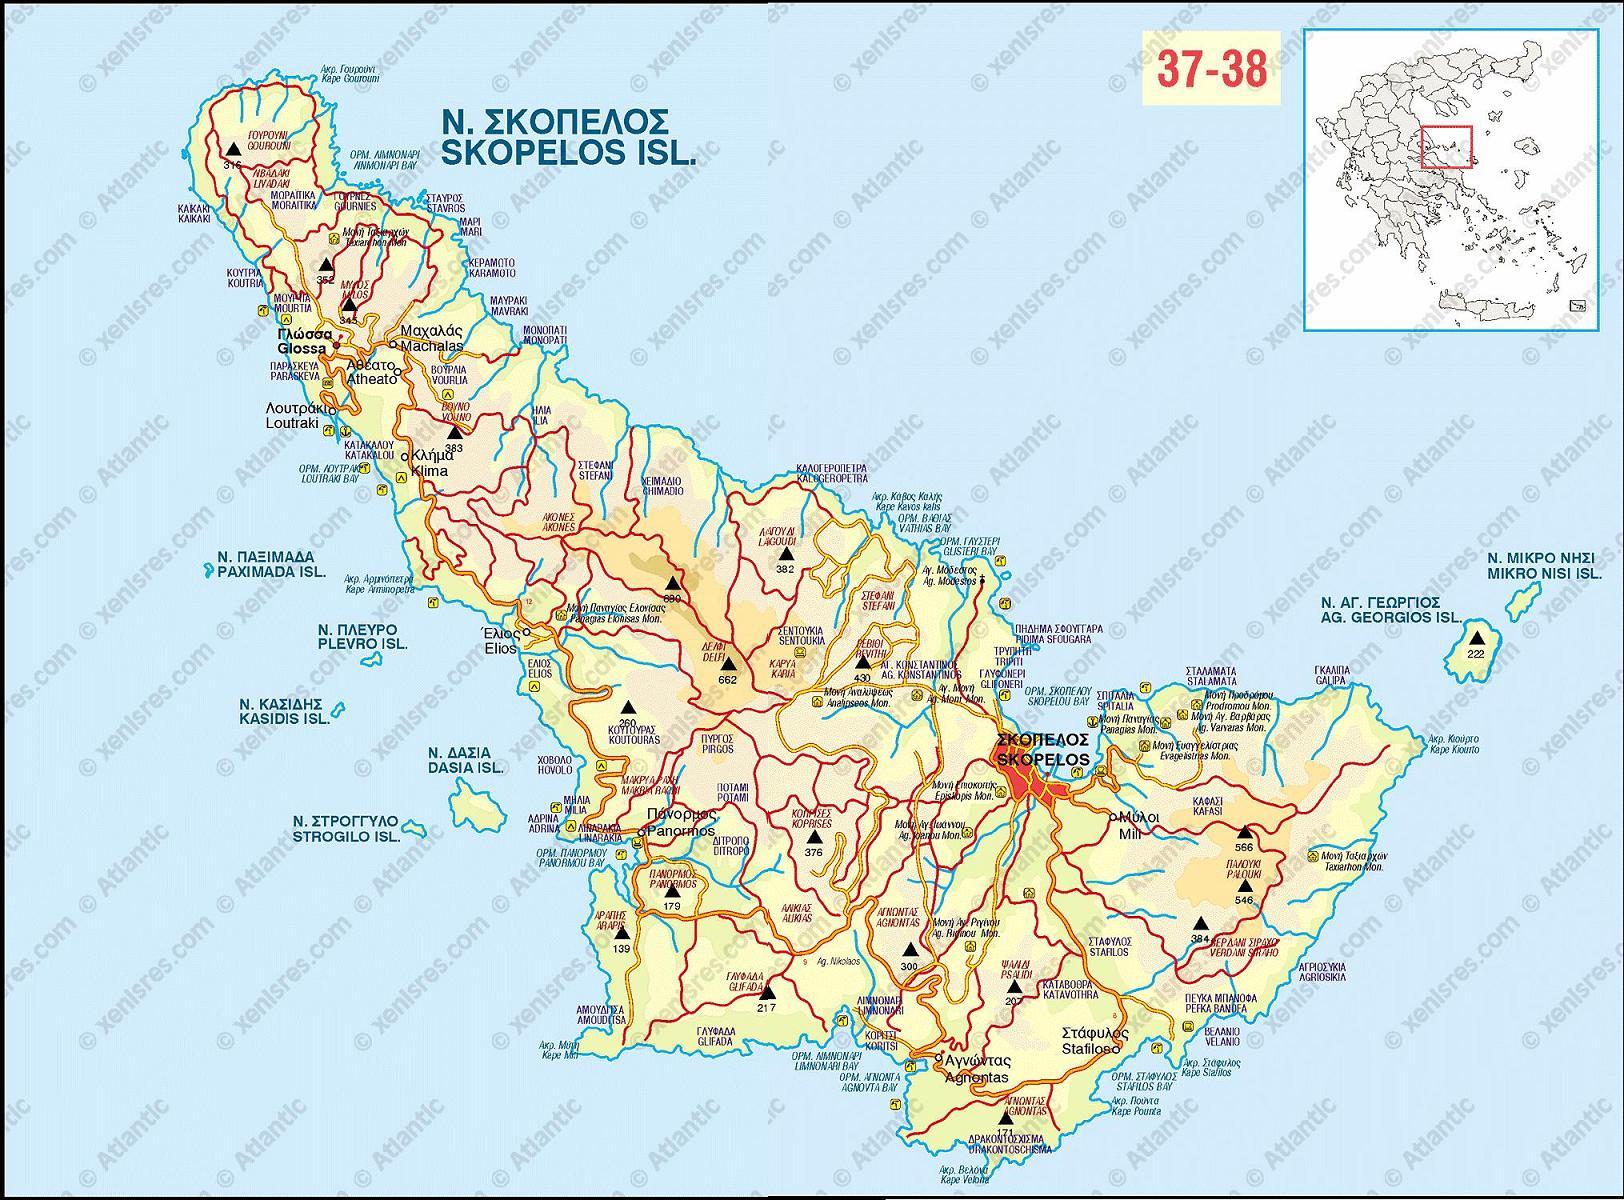 plattegrond van Skopelos